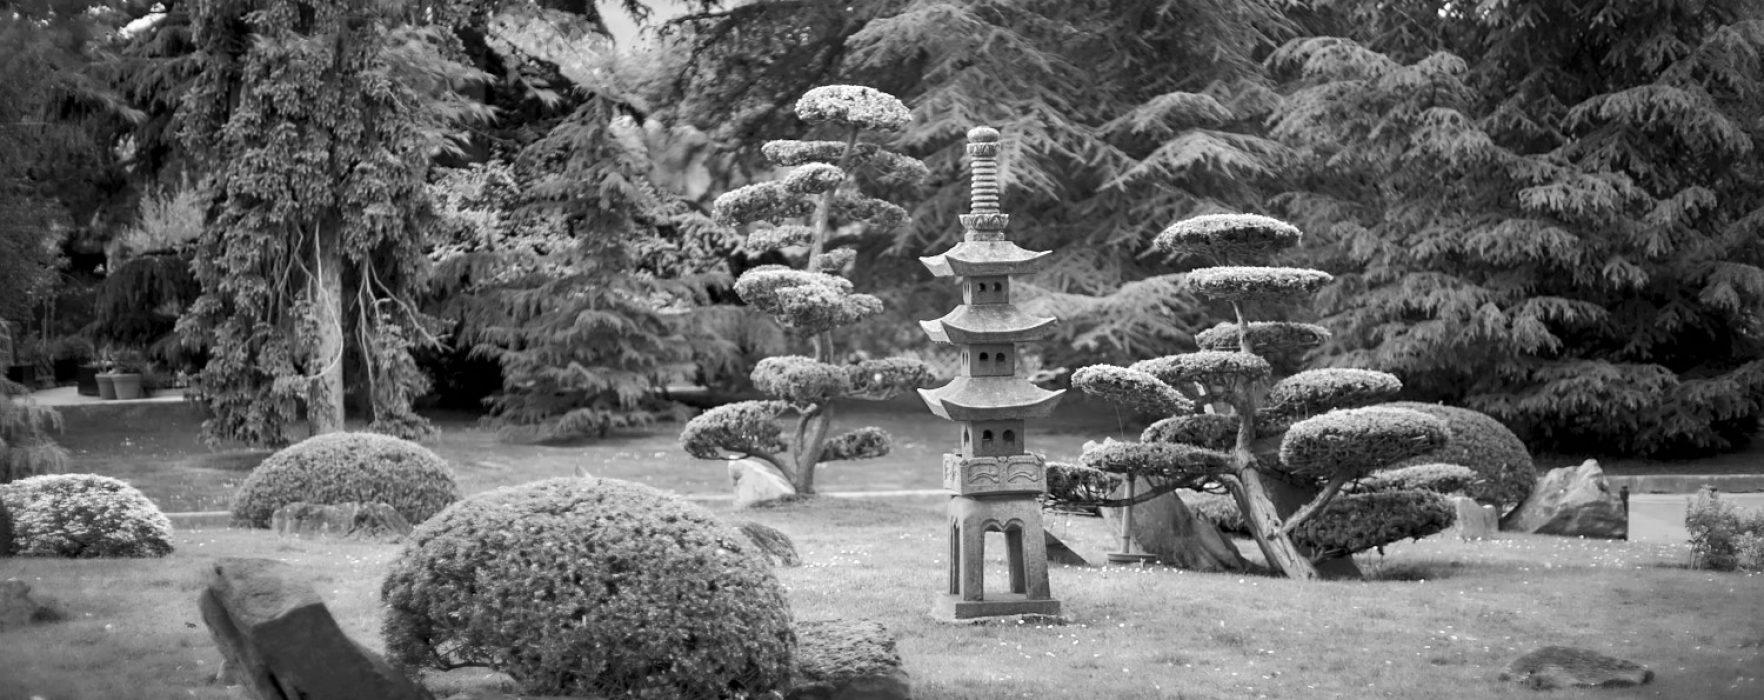 #636. On (un-destination) location : Le Jardin d'Acclimatation in Paris